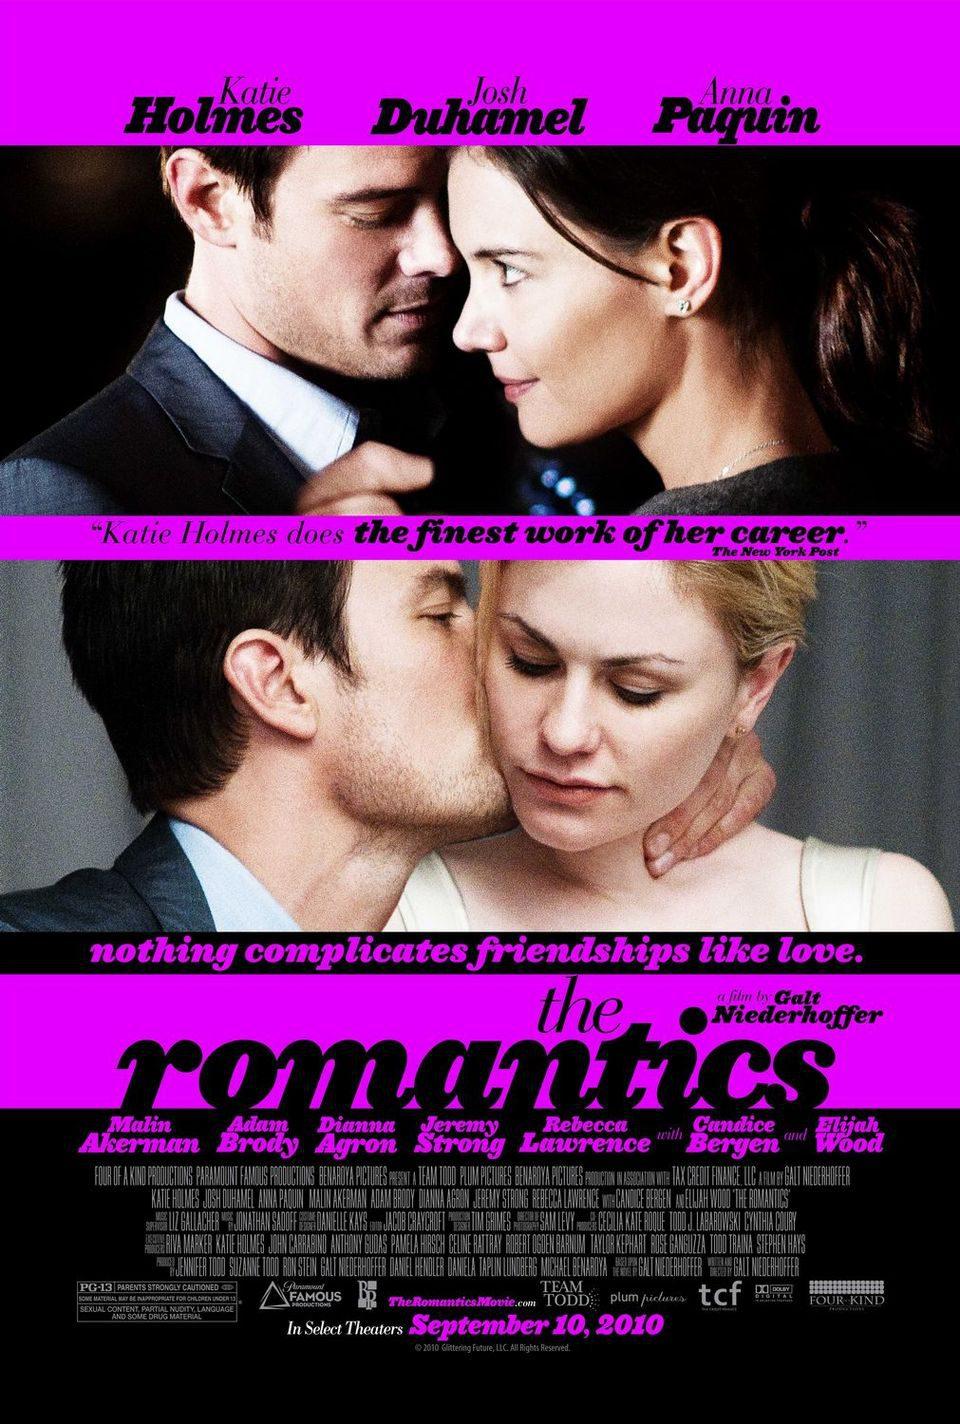 Cartel Estados Unidos de 'The romantics'